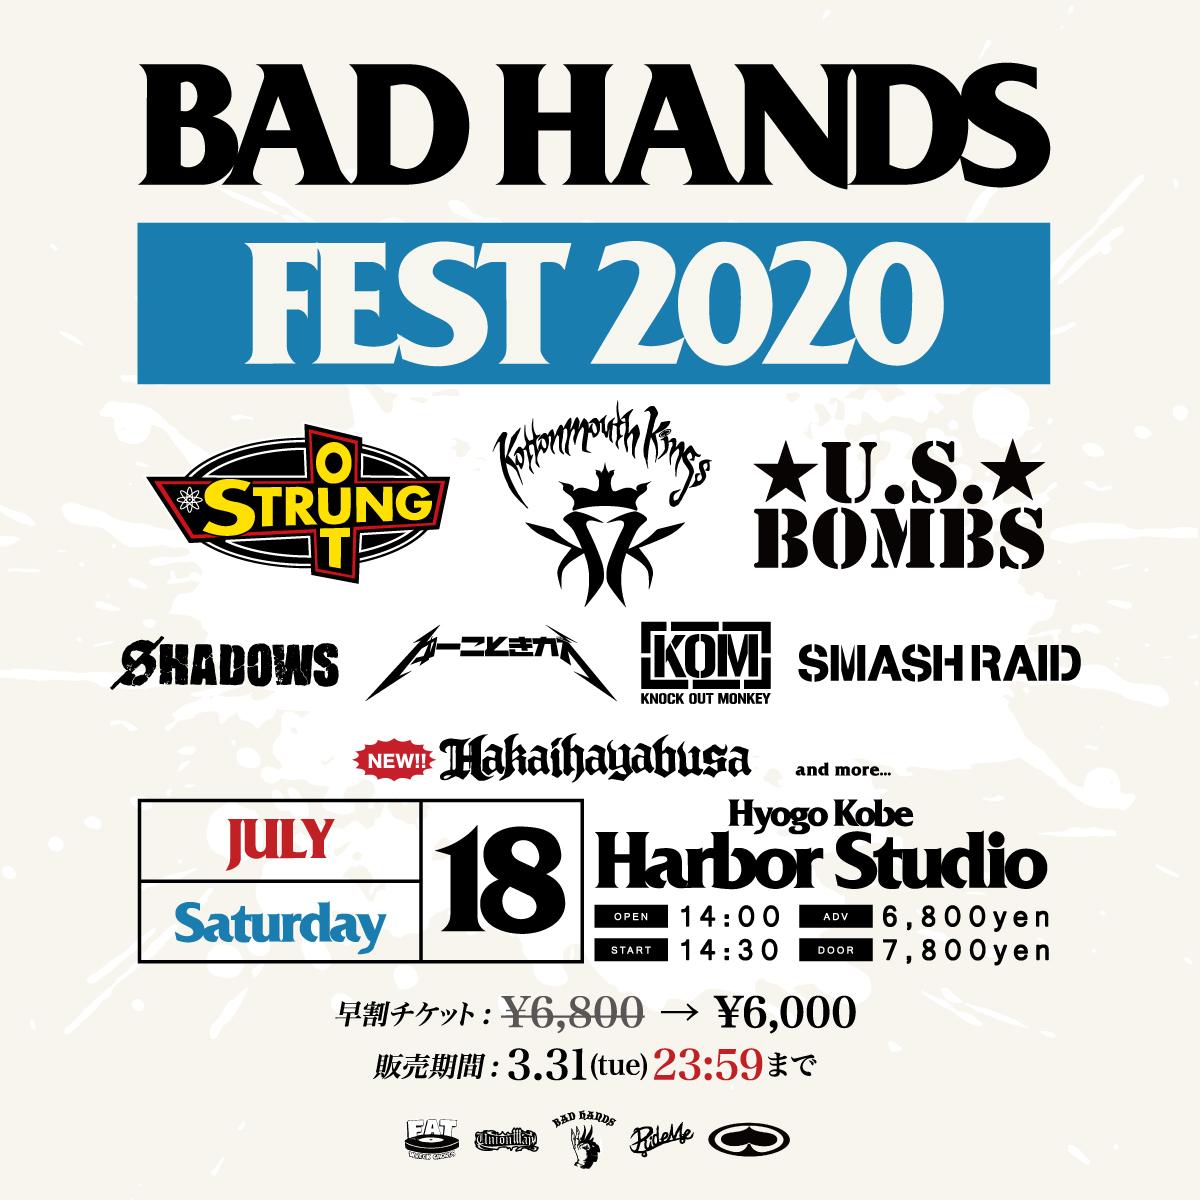 【キャンセル】UNIONWAY & BAD HANDS presents BAD HANDS FEST 2020の写真